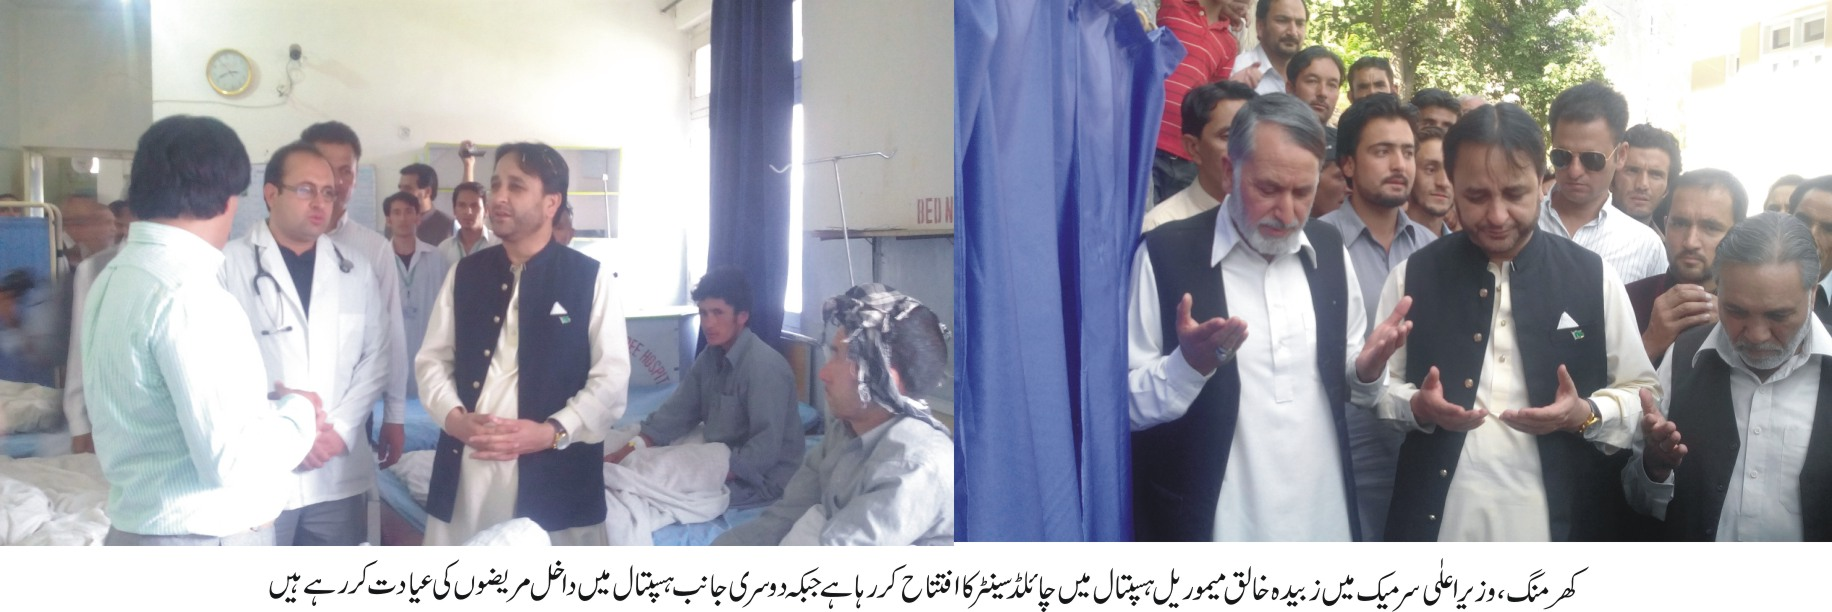 وزیر اعلی نے سرمیک بلتستان کے ہسپتال میں چائلڈ ڈپارٹمنٹ کا سنگِ بنیاد رکھا، ڈیڑھ میگا واٹ بجلی گھر کا افتتاح کیا